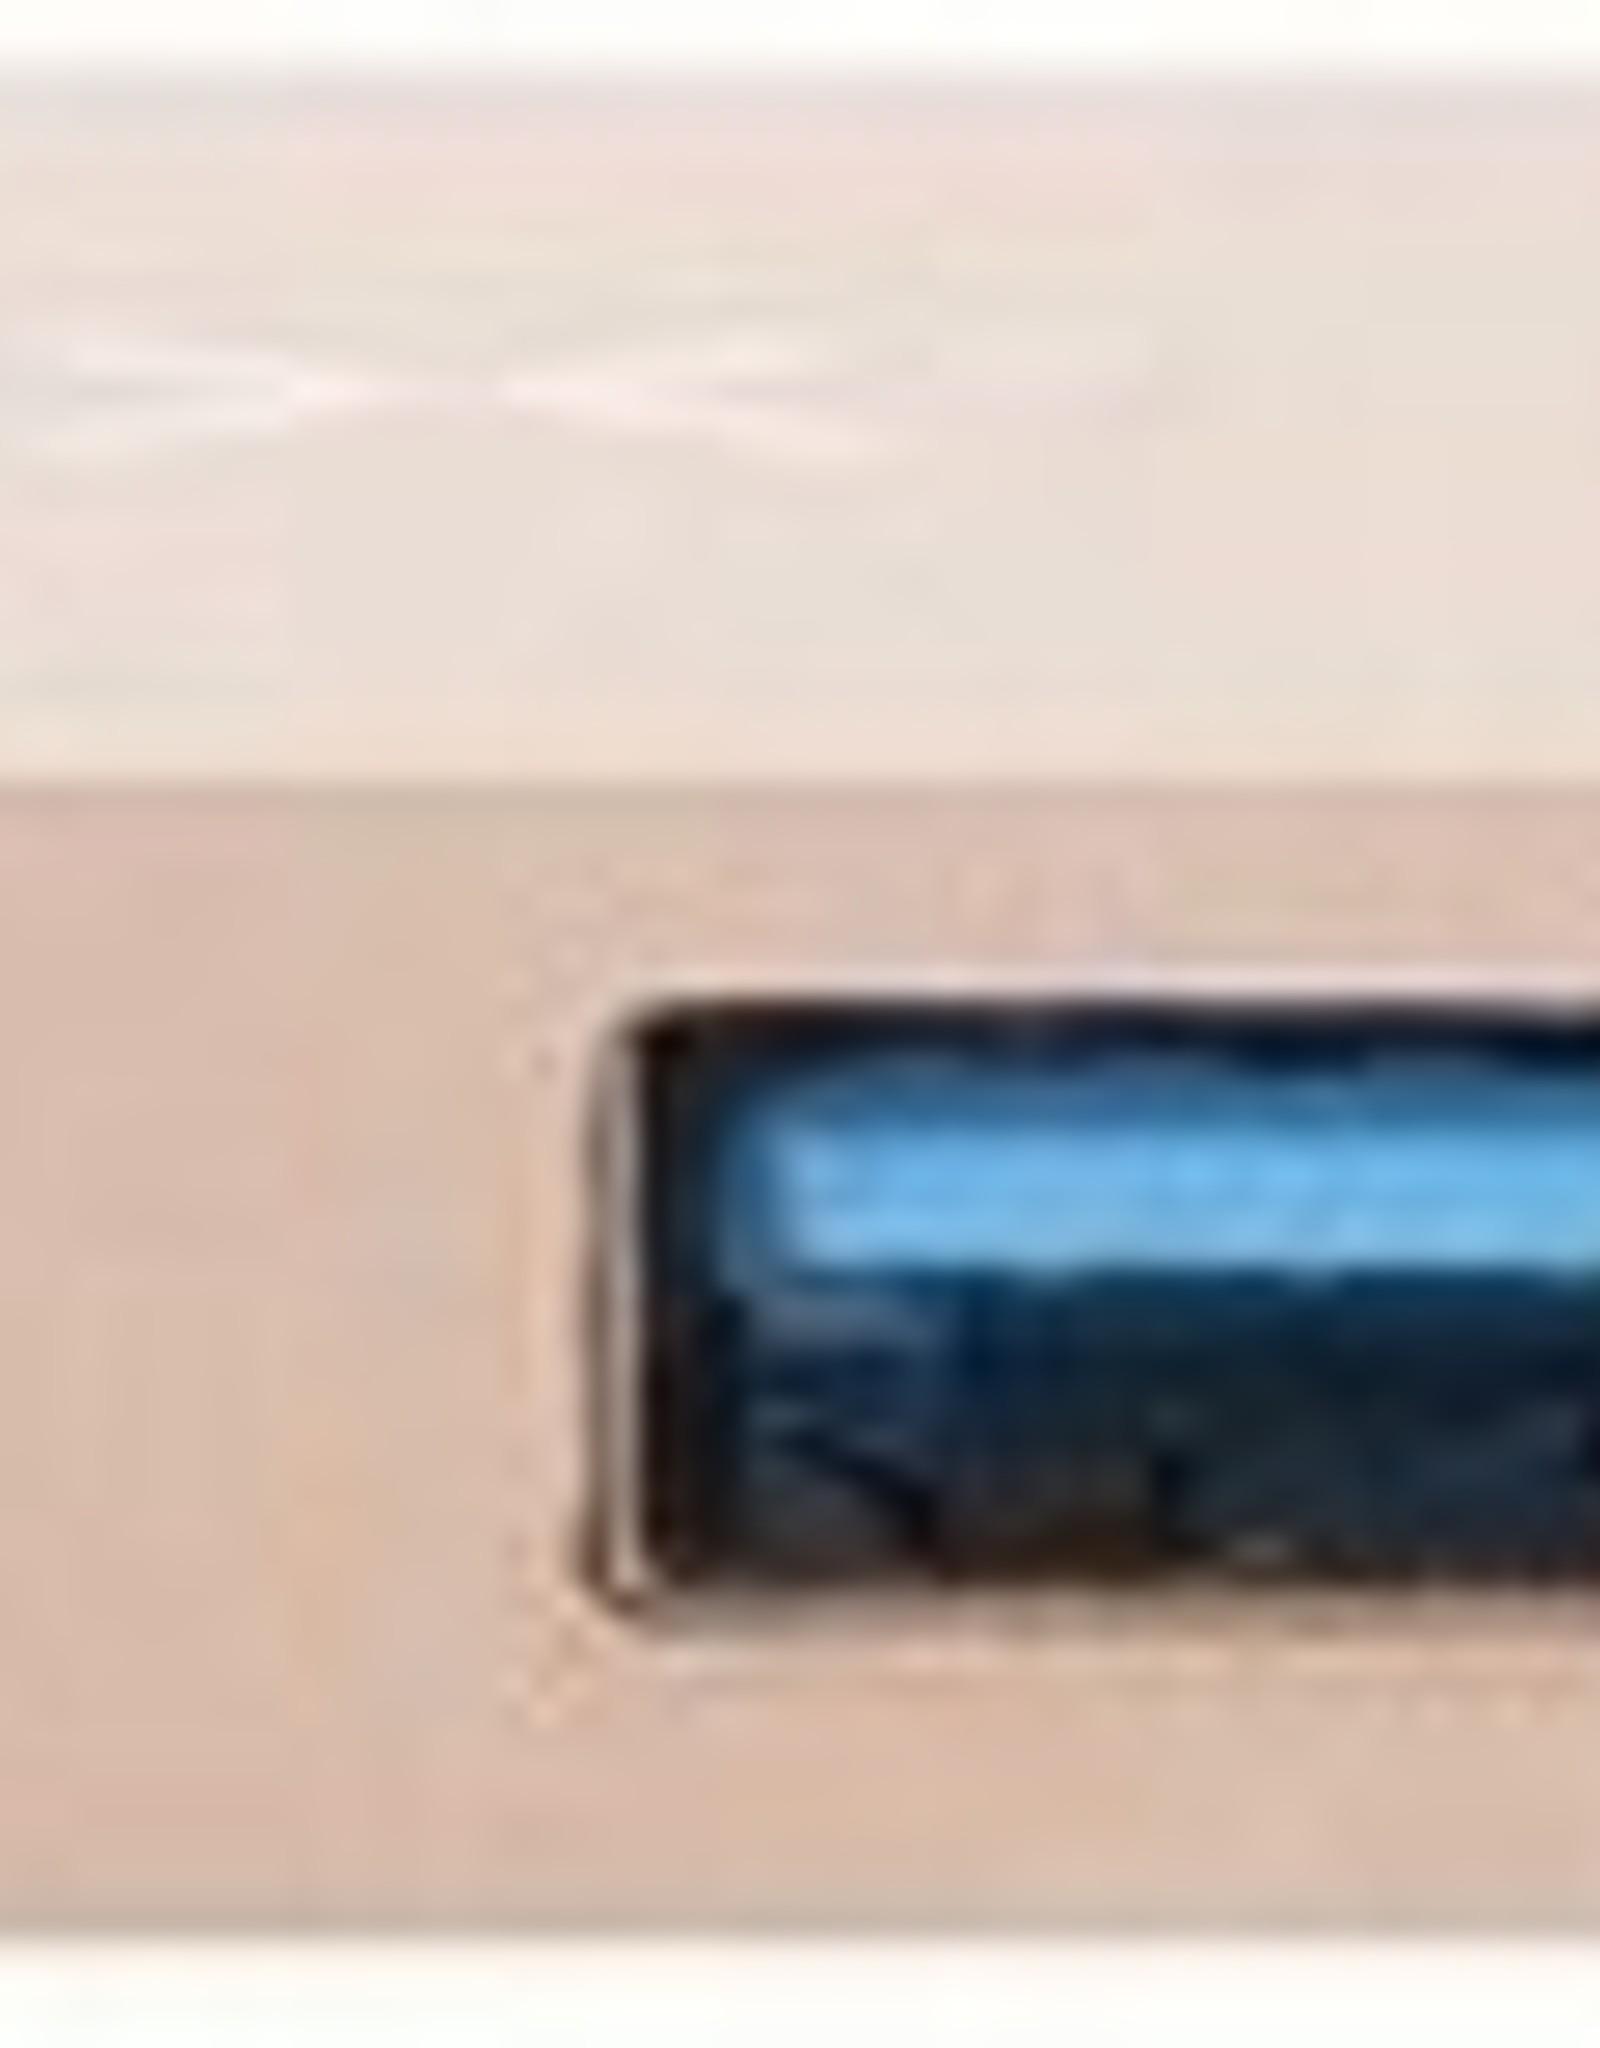 MINIX MINIX NEO C Mini USB Type C USB Type C + 2 x USB 3.0 + HDMI Gou